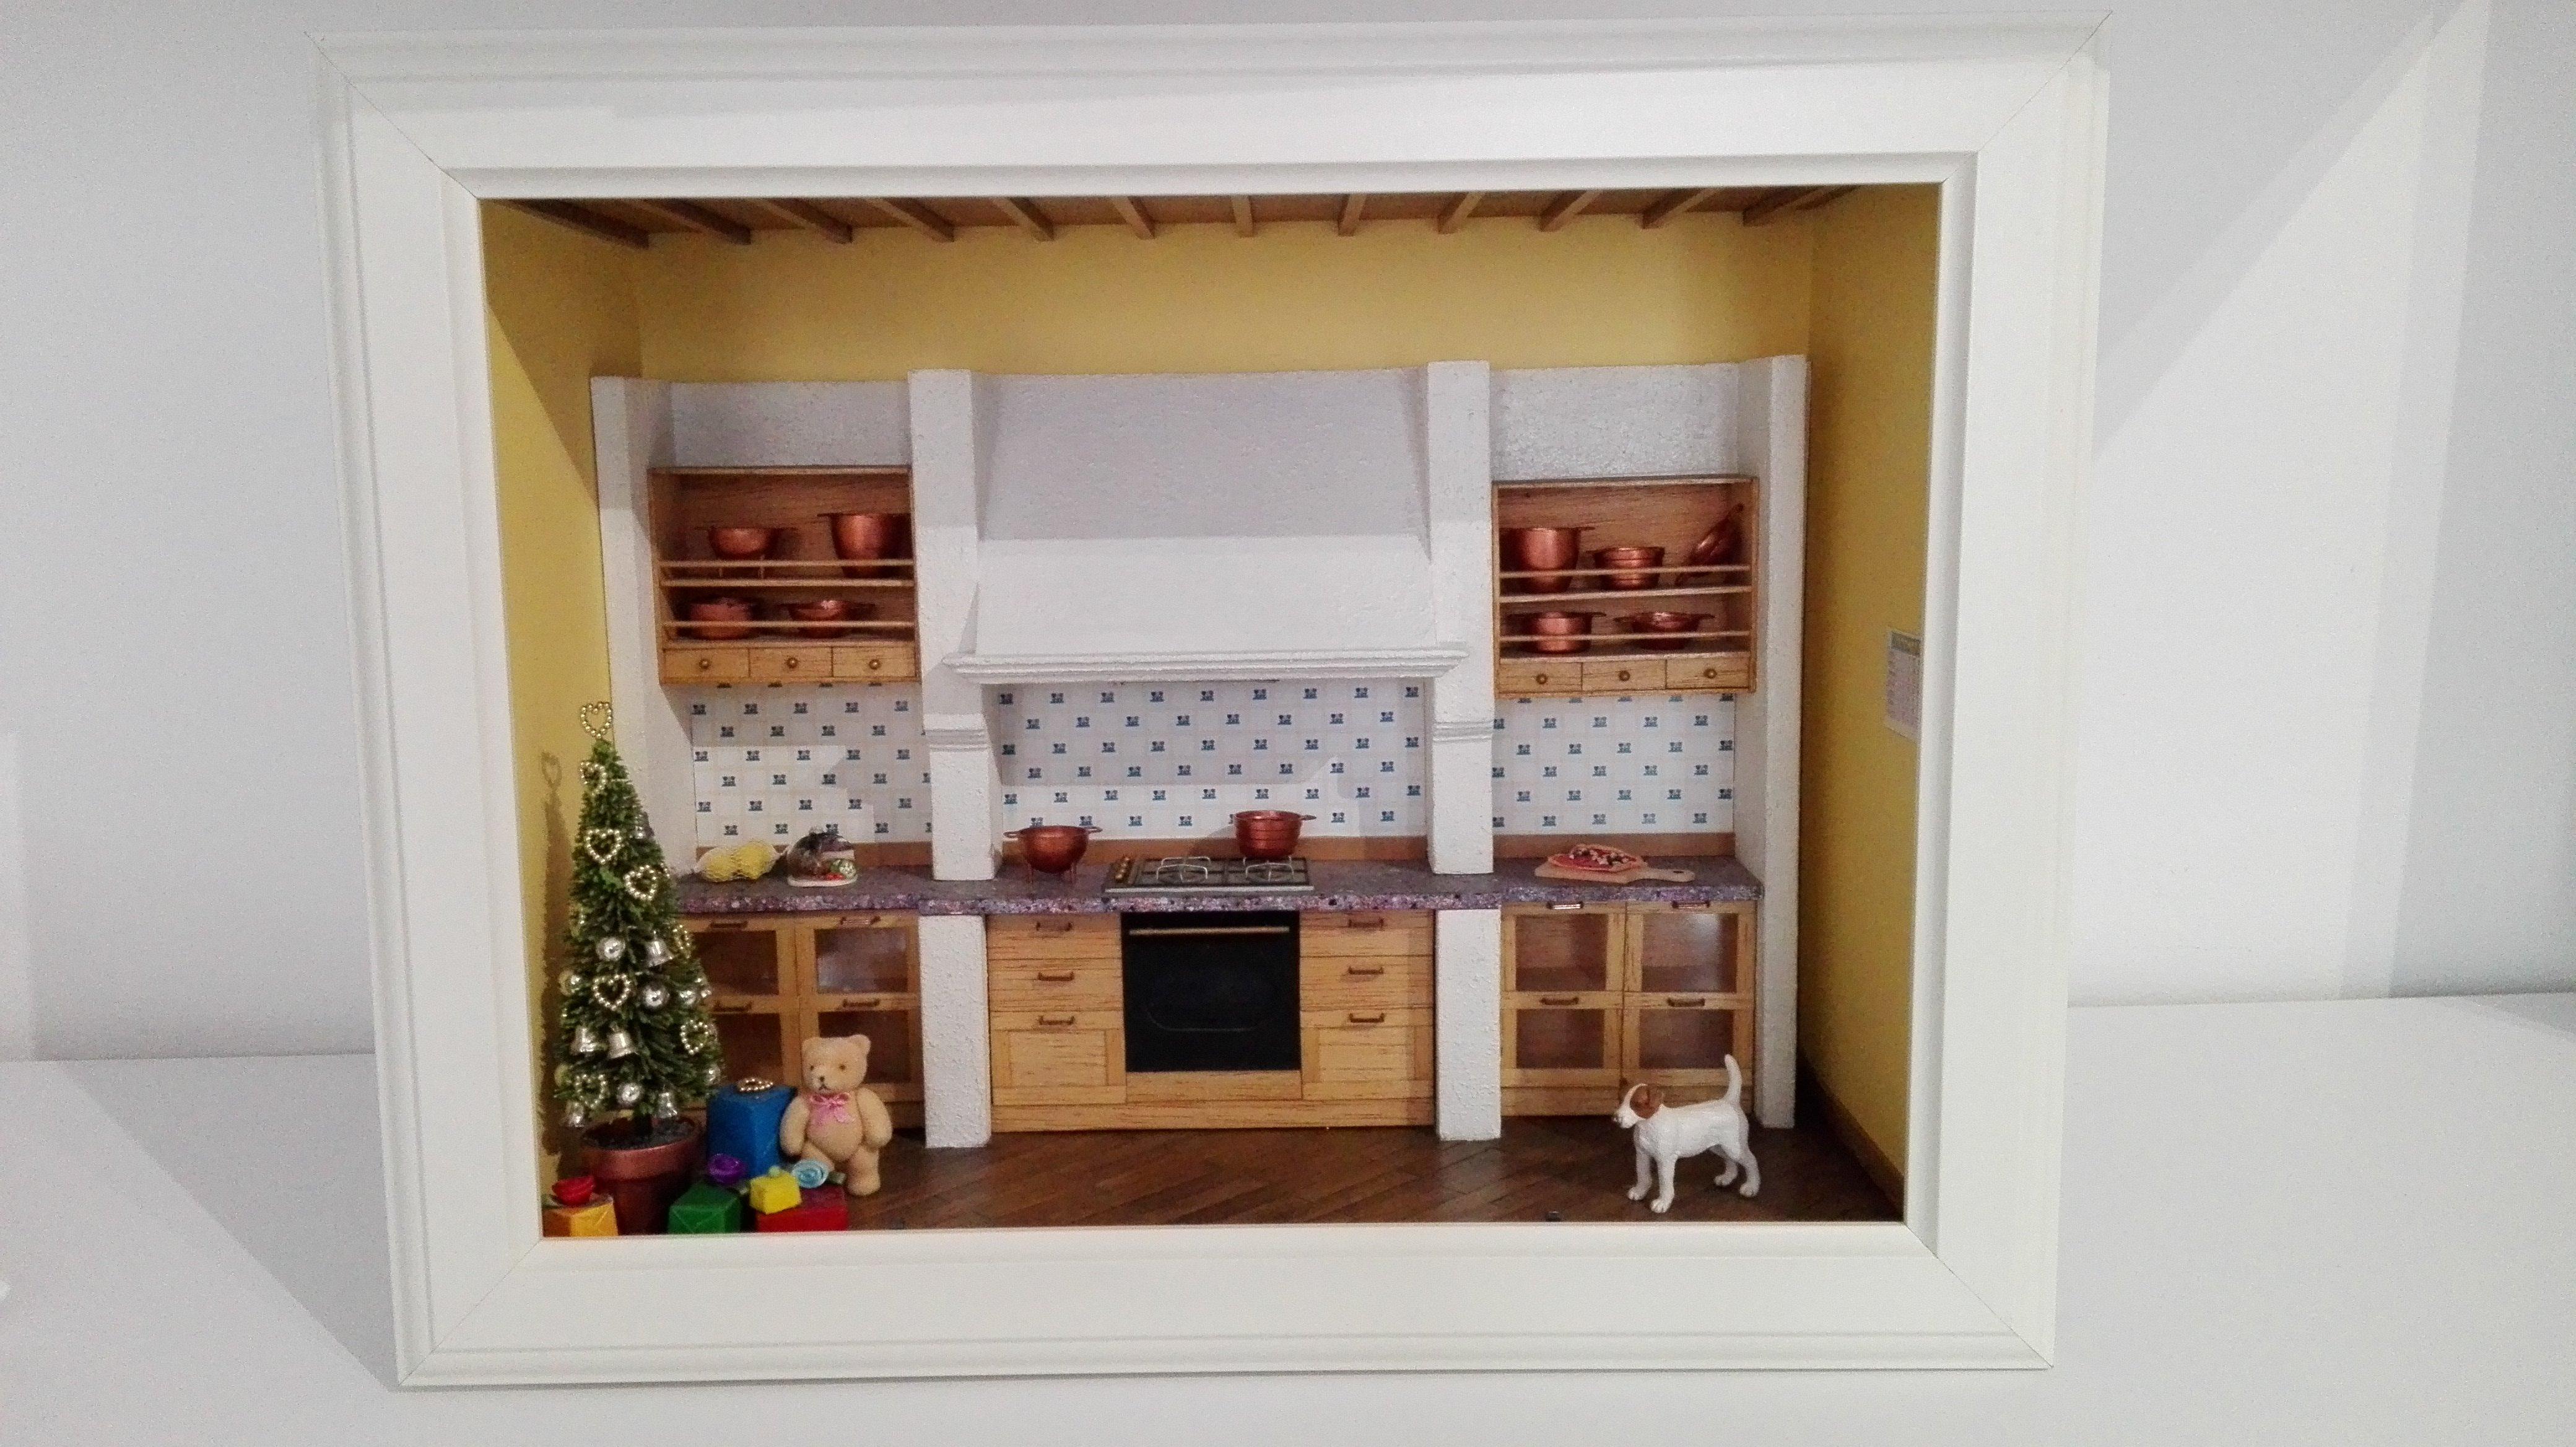 Diorama cucina con albero di natale